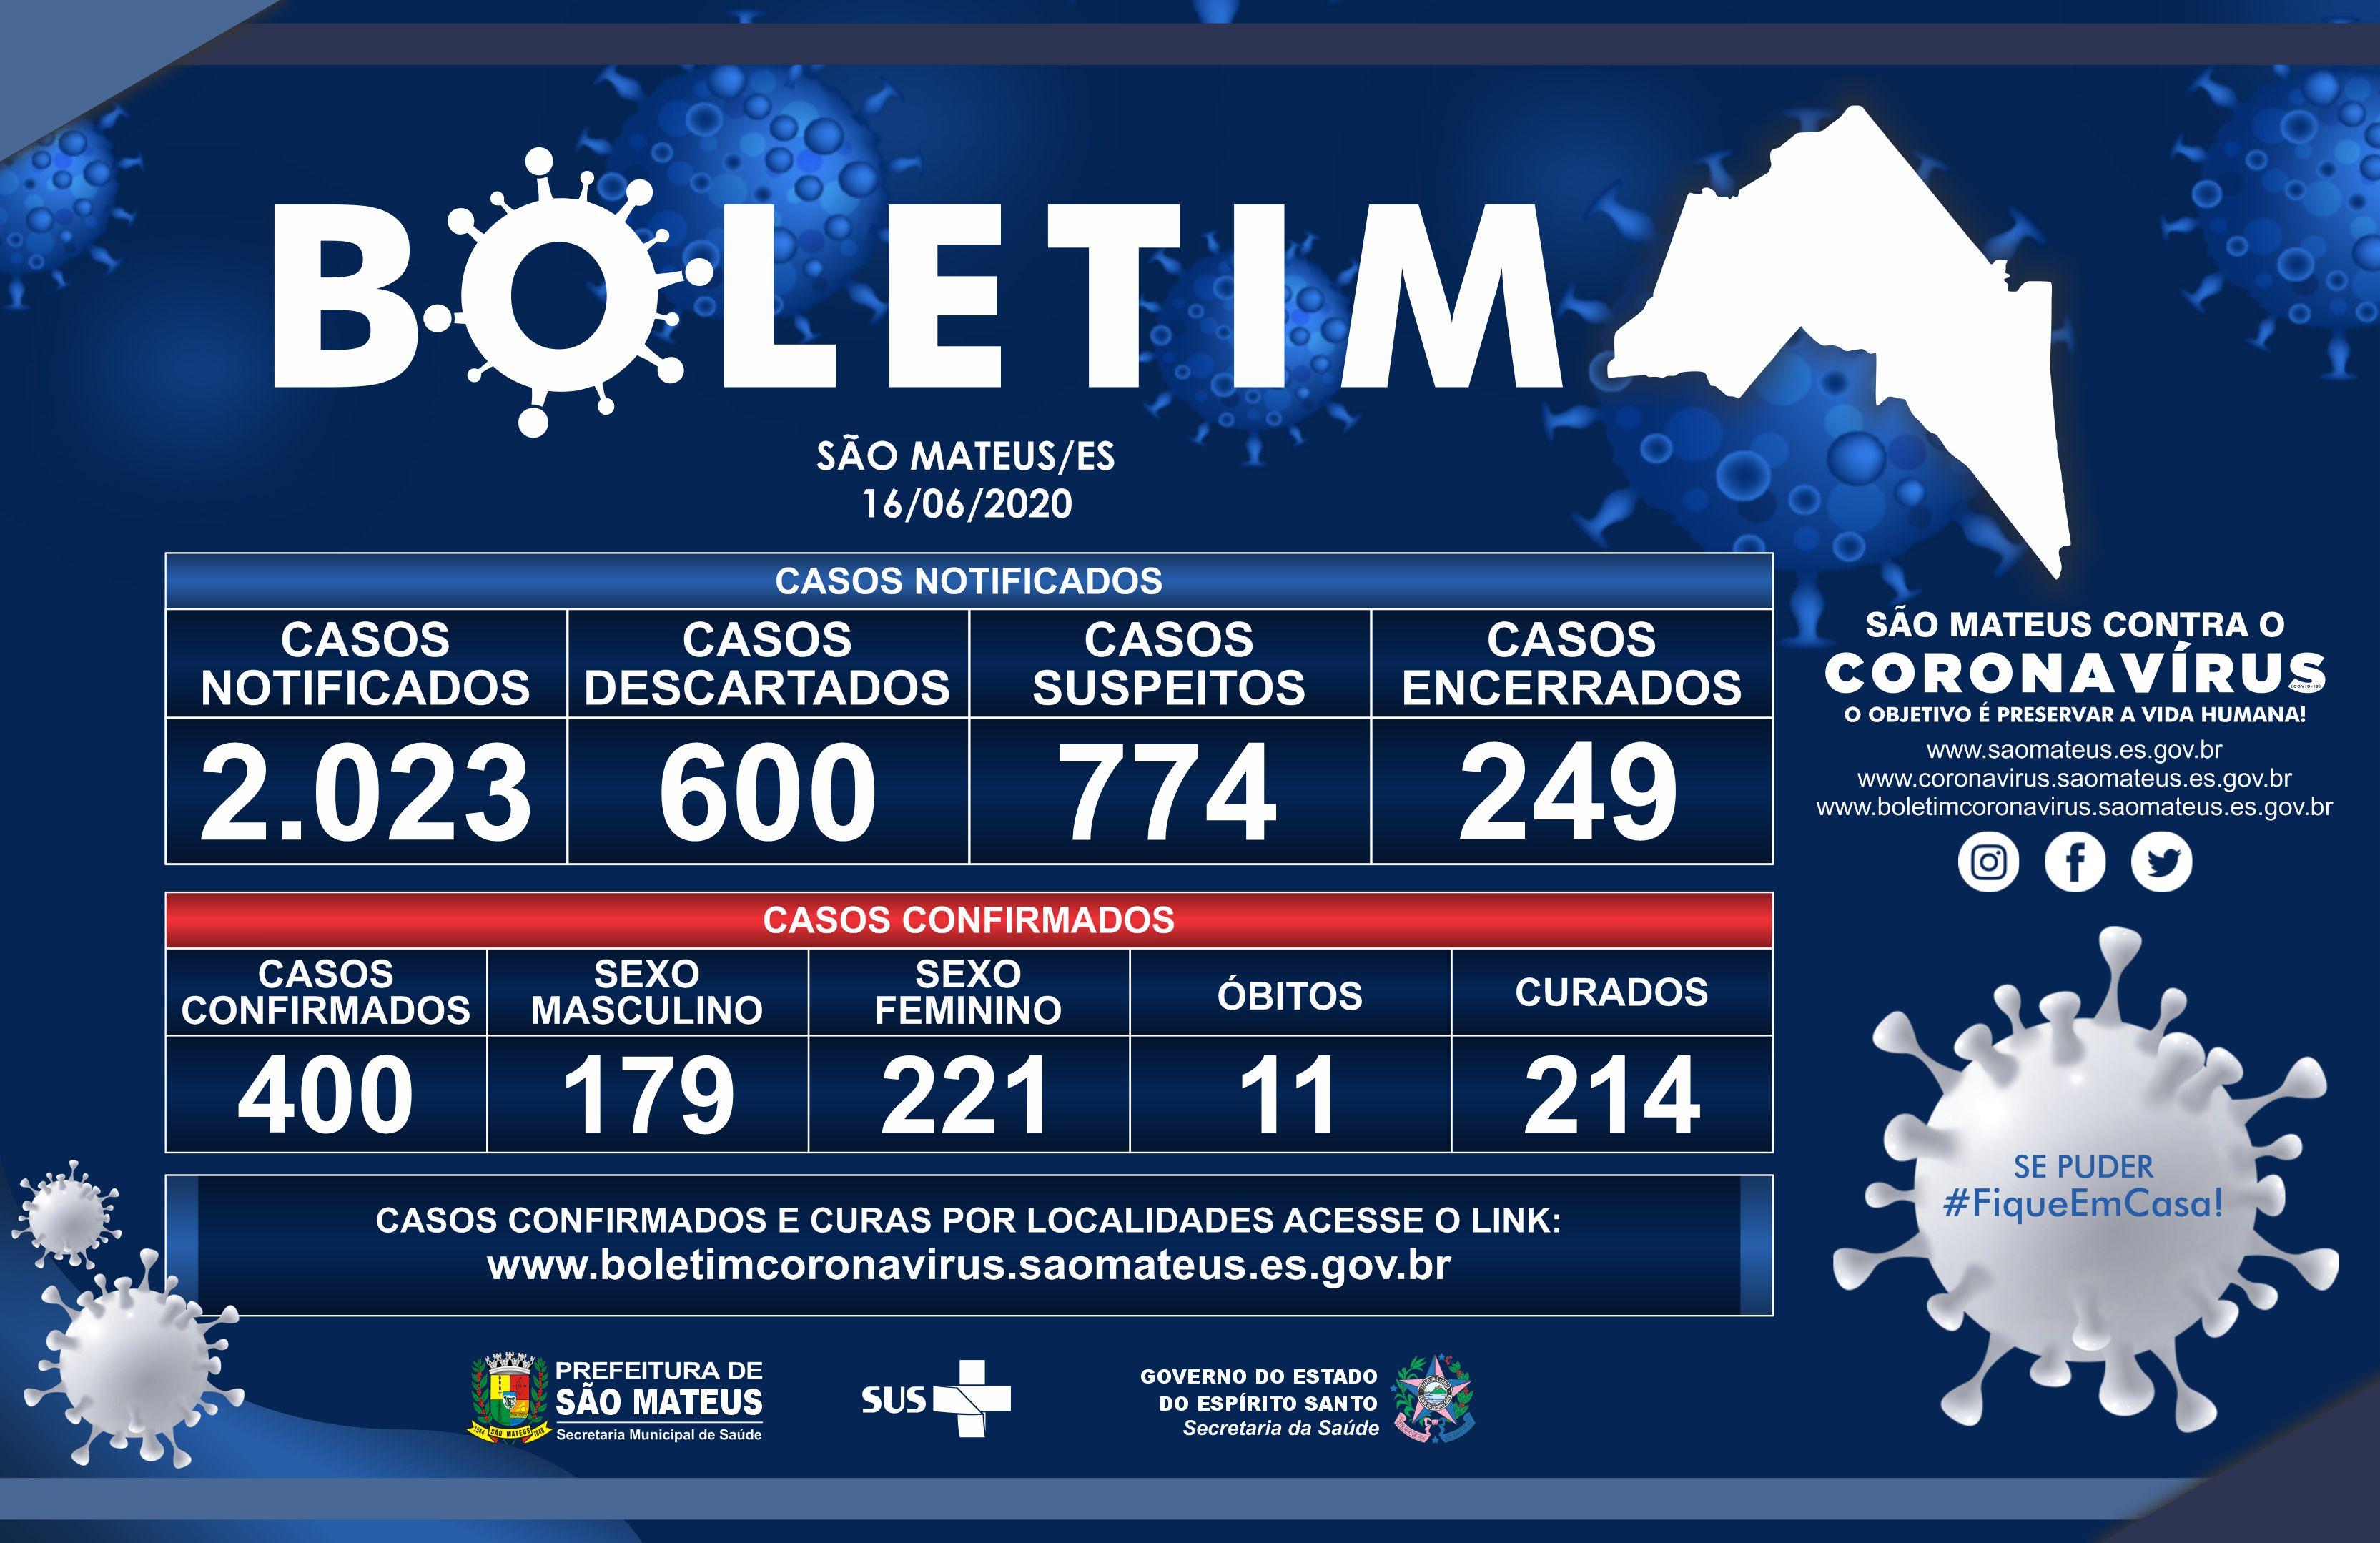 CORONAVÍRUS: SÃO MATEUS CHEGA AO 11º ÓBITO E 400 CASOS CONFIRMADOS